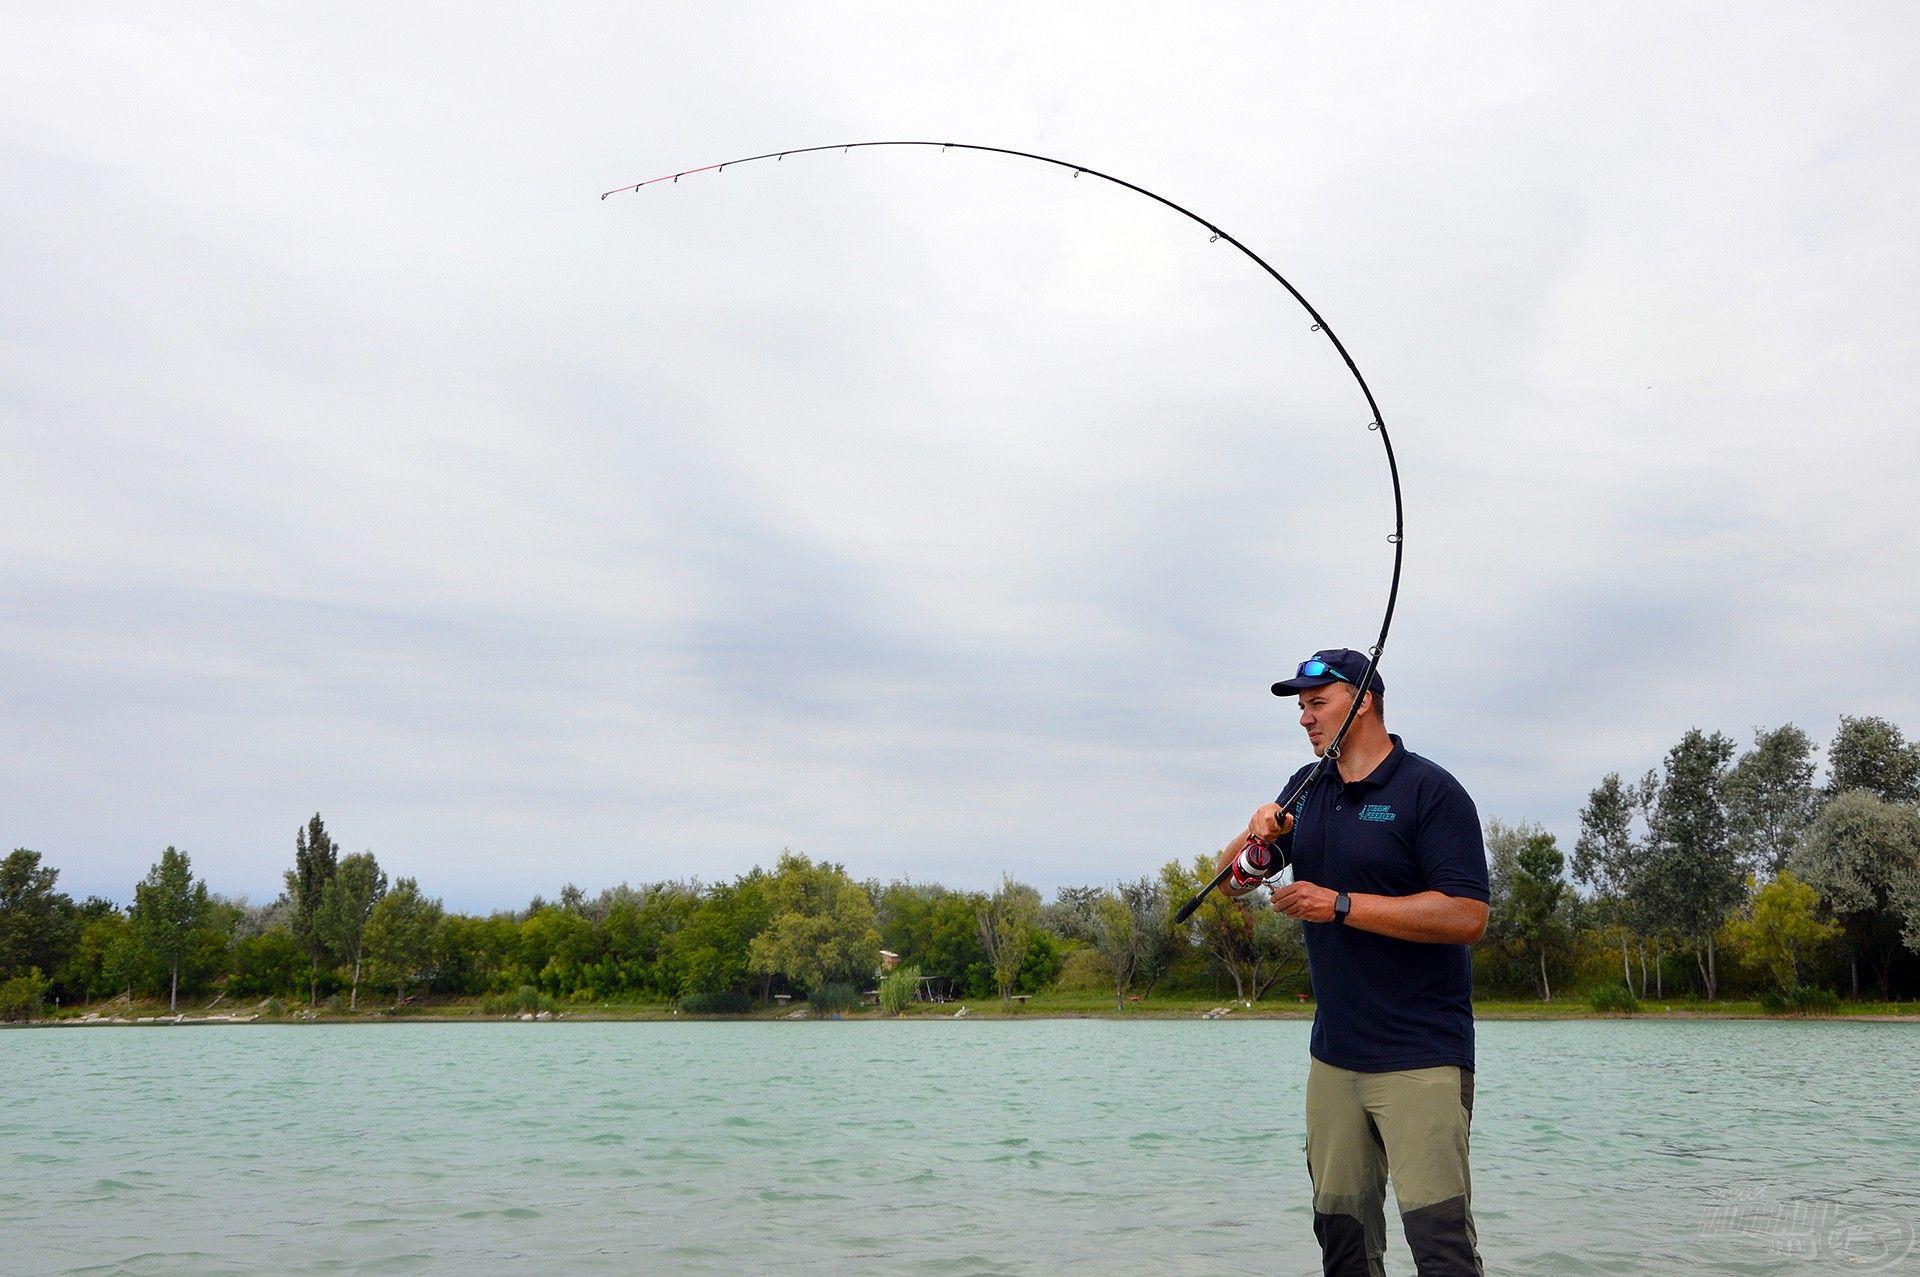 Putz Tamás kollégánk a nagyhalas feederhorgászat szenvedélyes művelője és szakértője